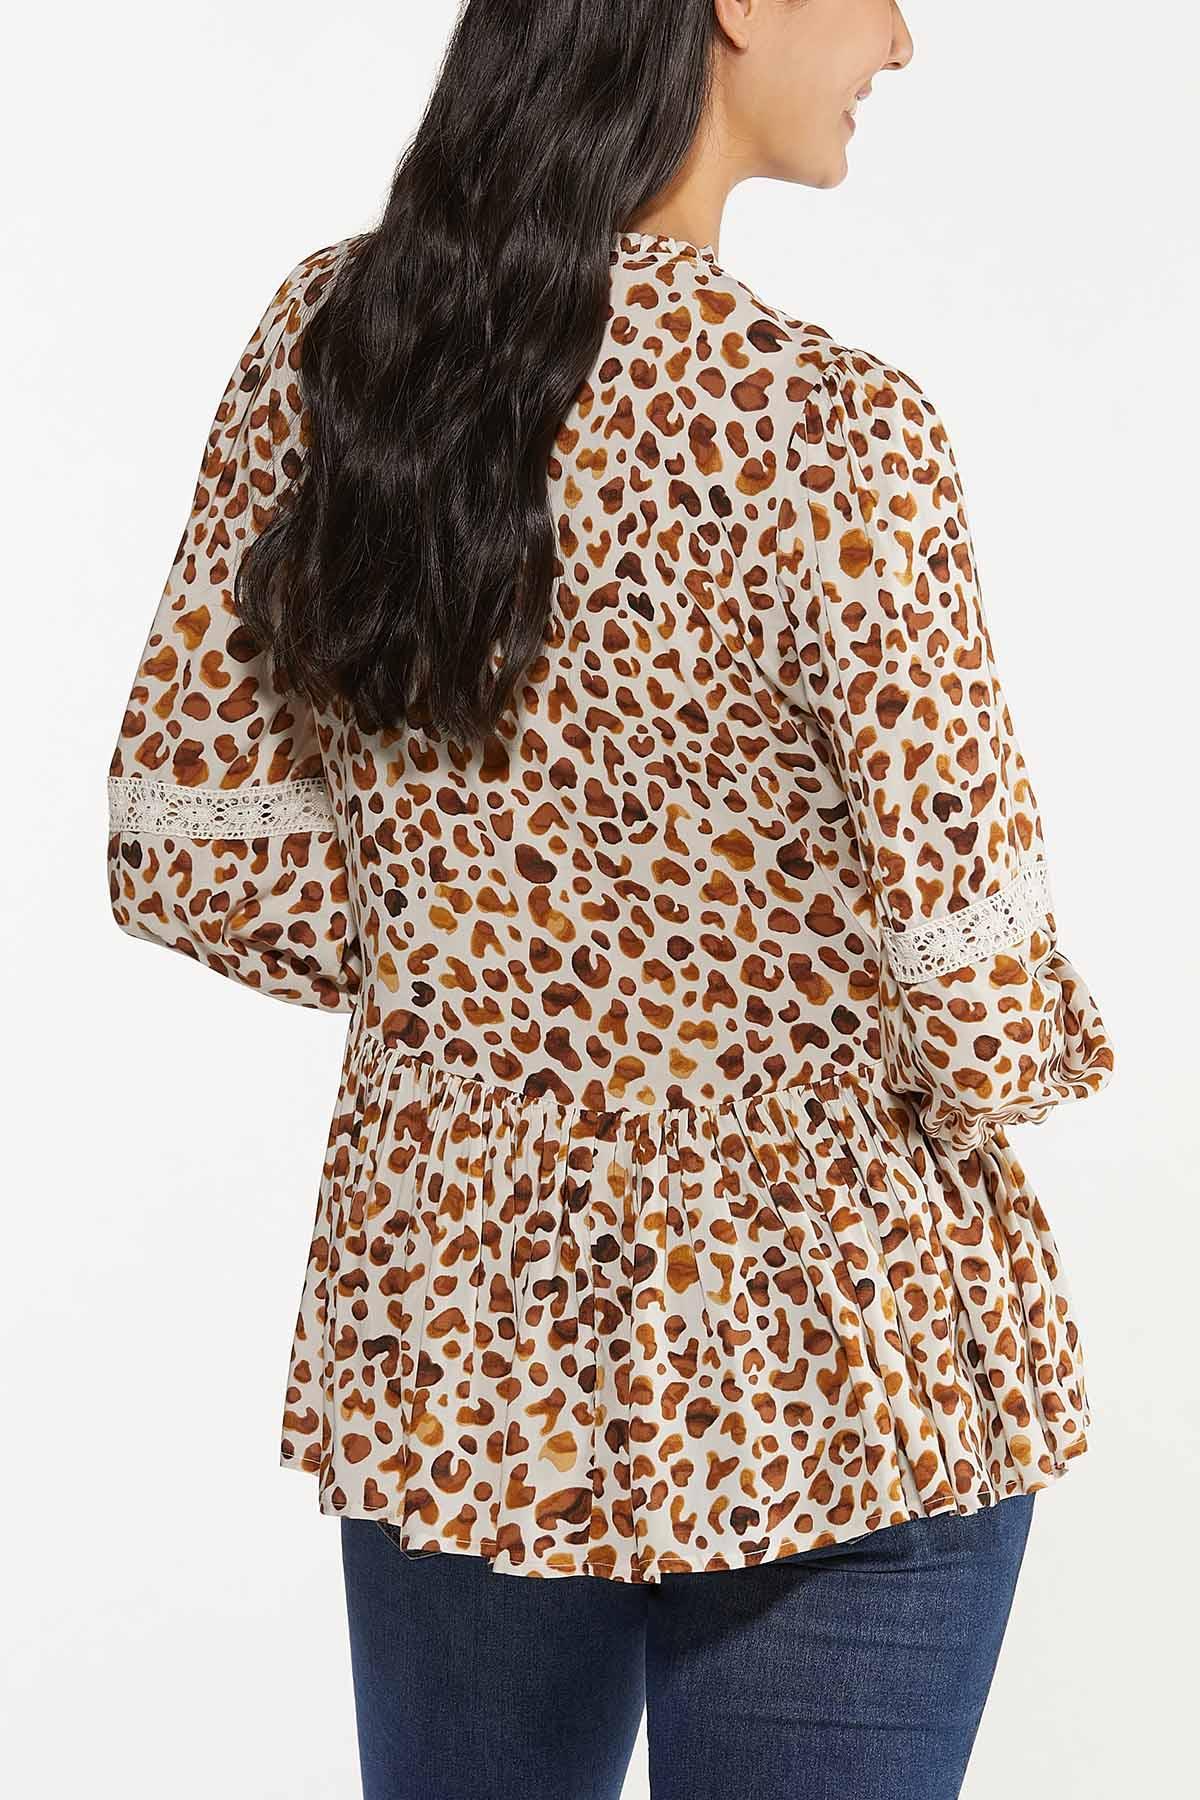 Plus Size Leopard Peplum Top (Item #44643776)